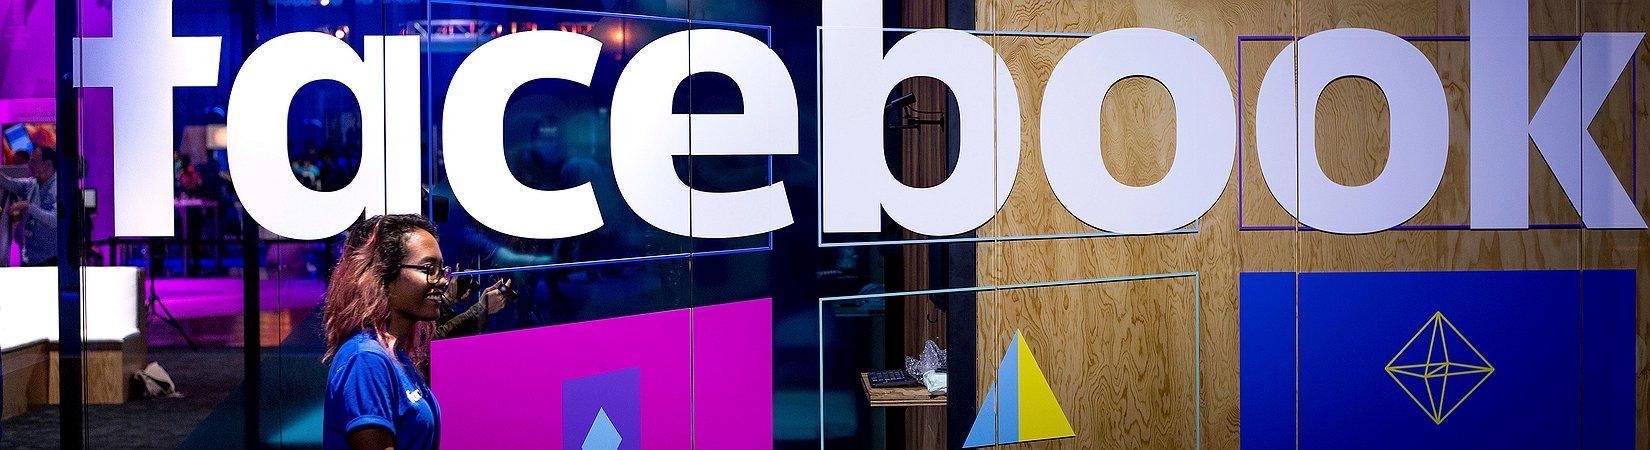 Cómo descansan en el trabajo los empleados de Yelp, LinkedIn y Facebook